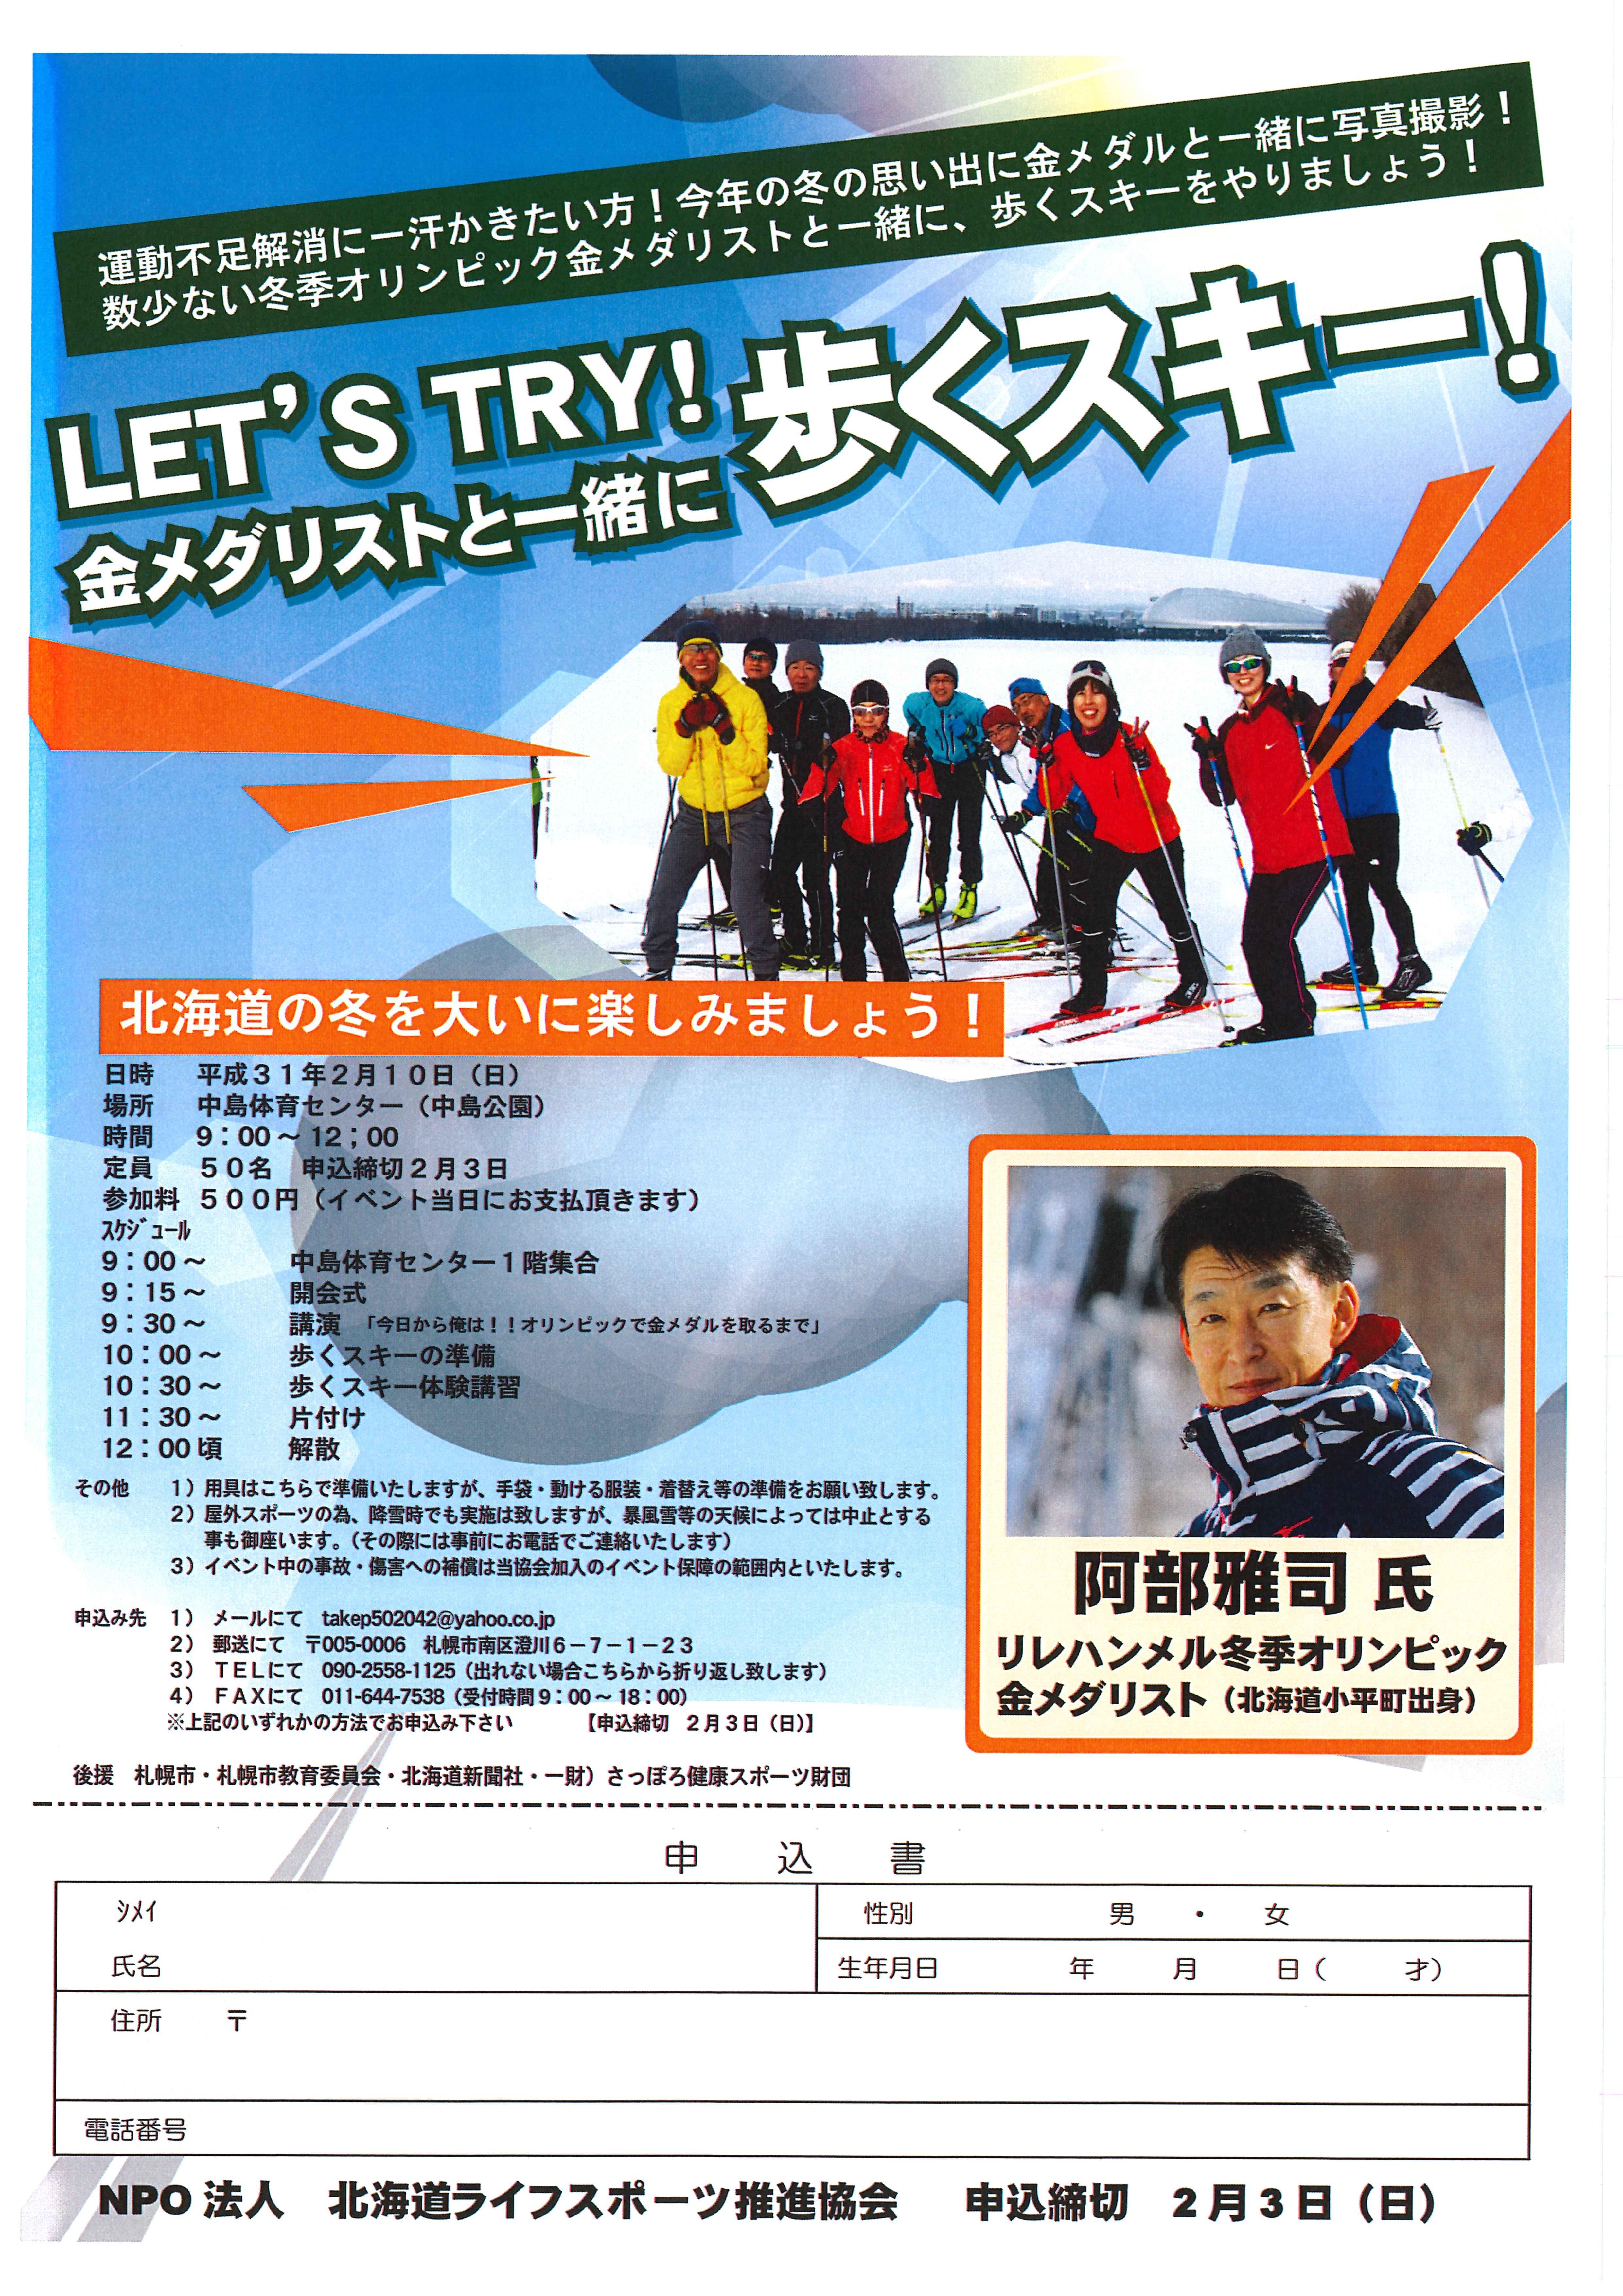 中島公園歩くスキー